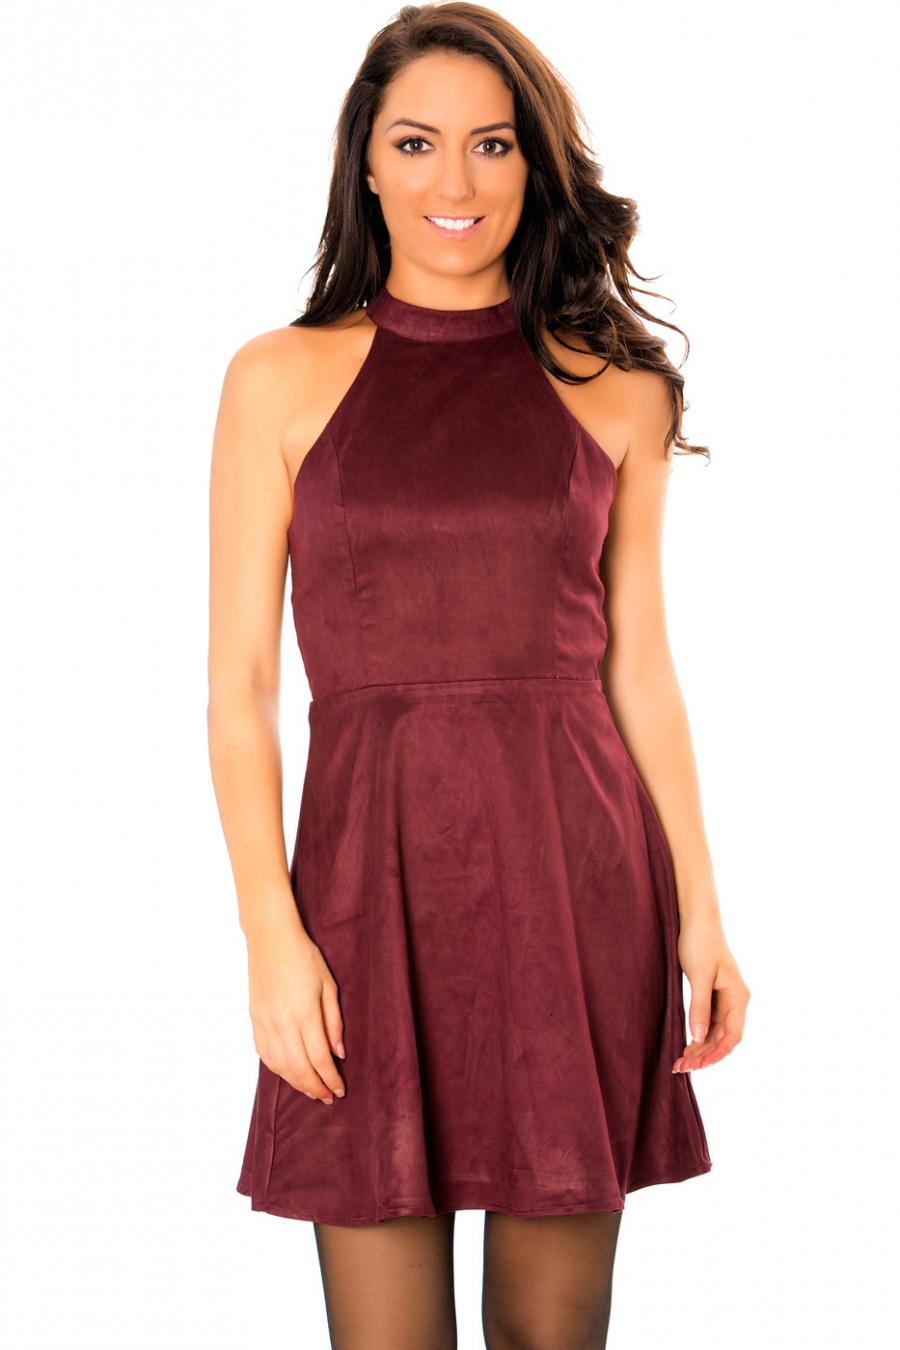 Sublime robe patineuse bordeaux style suédine avec dos à lacets croisés. E3071.